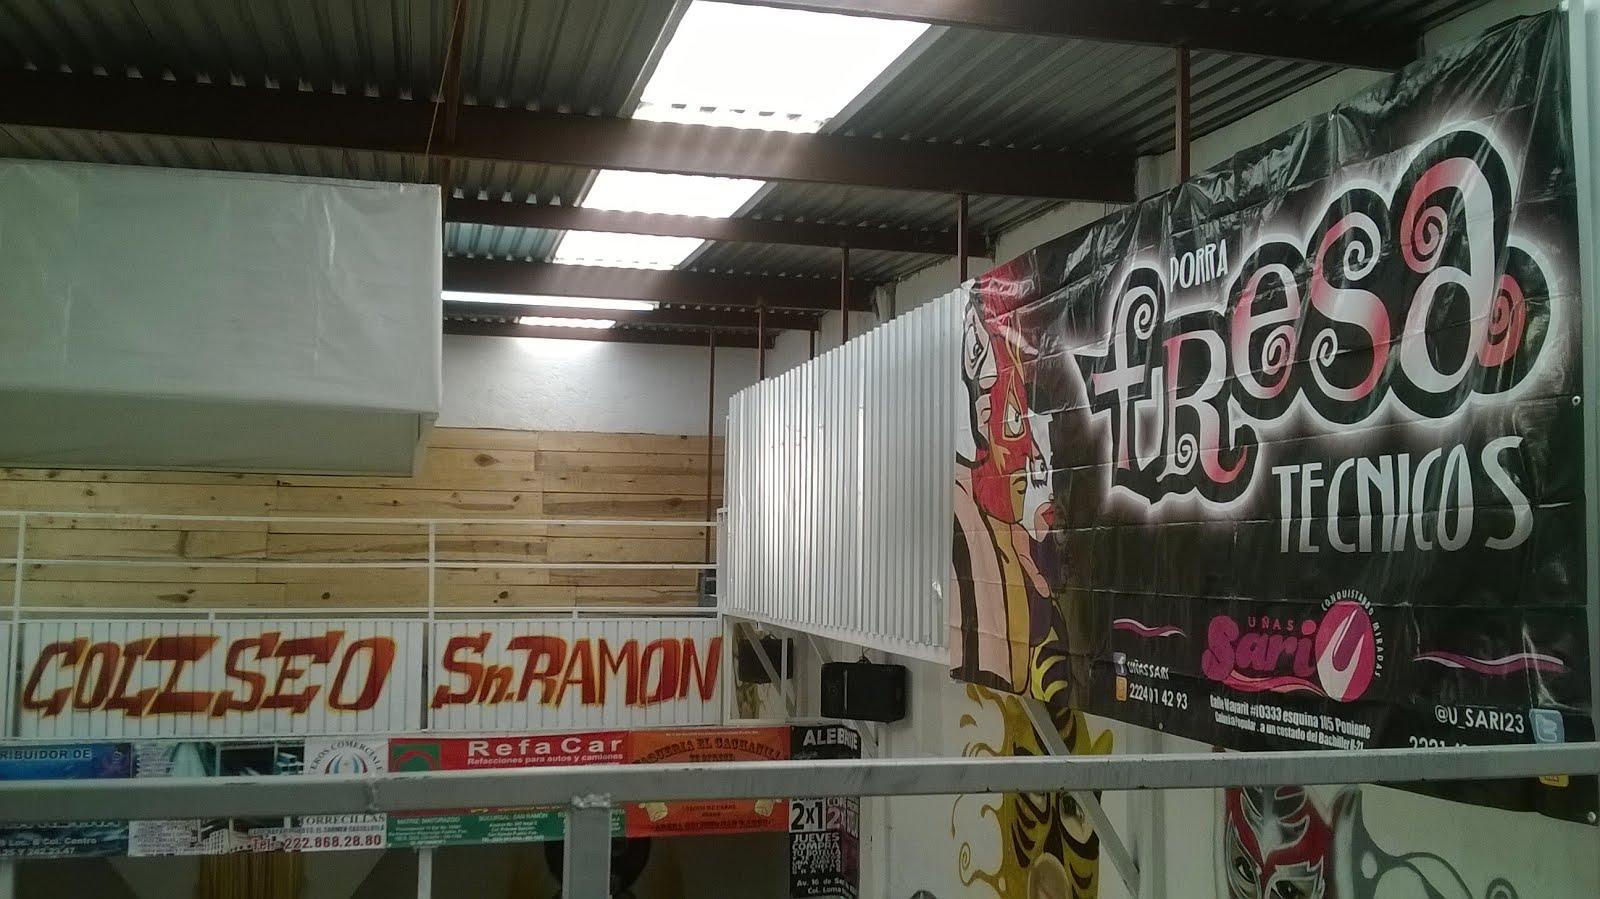 2 años de la Arena Coliseo San Ramon